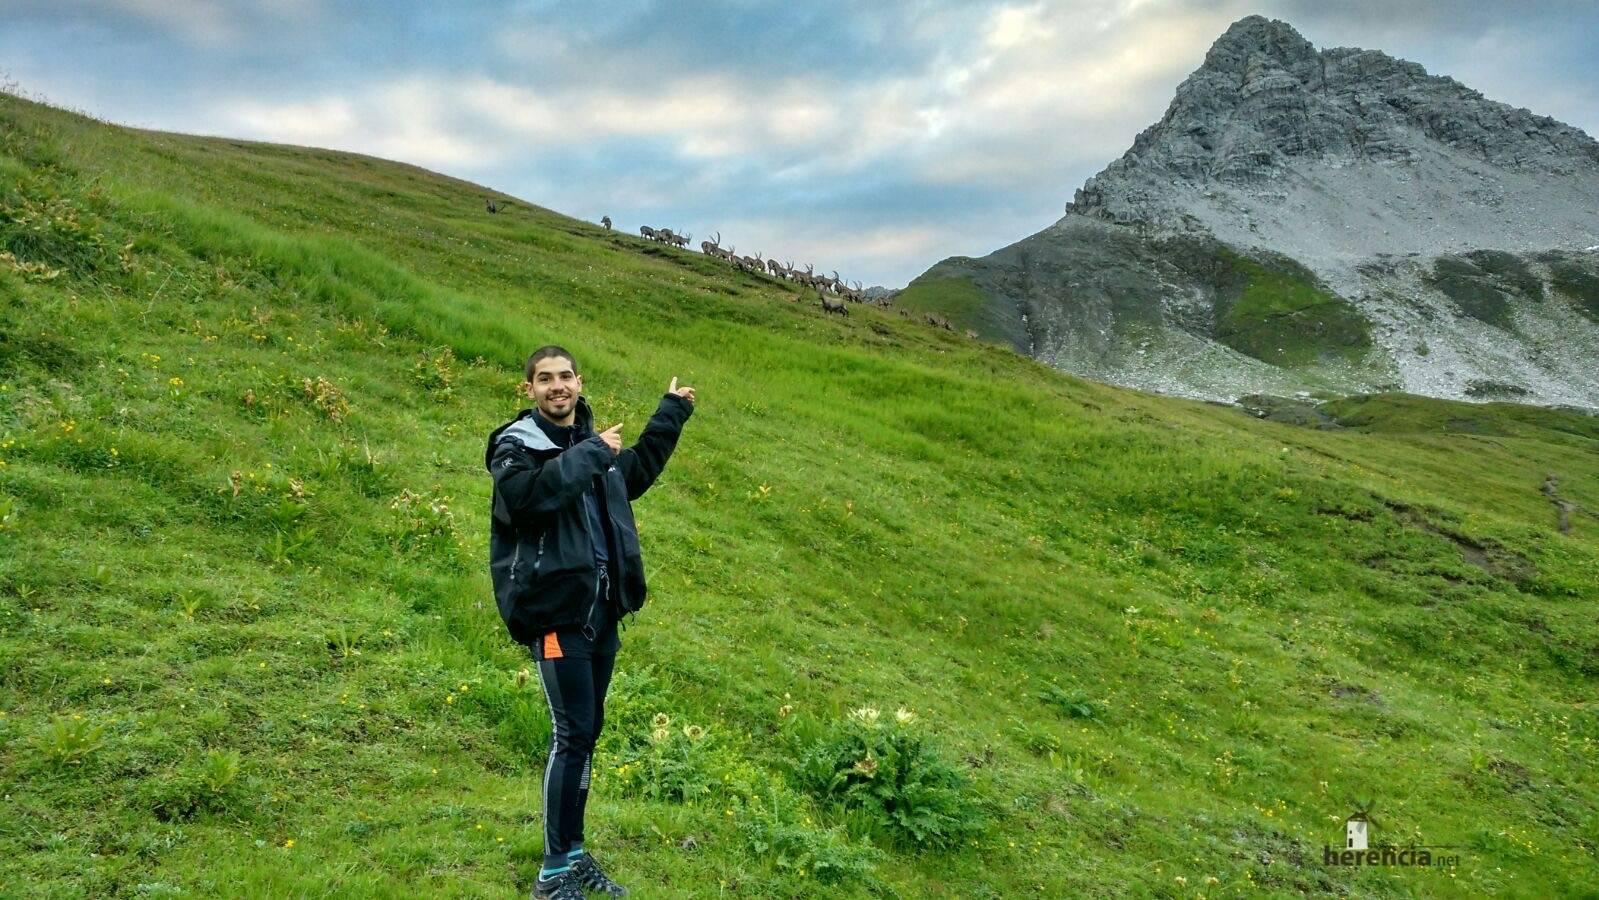 Etapa 34 Perle en los Alpes tiroleses01